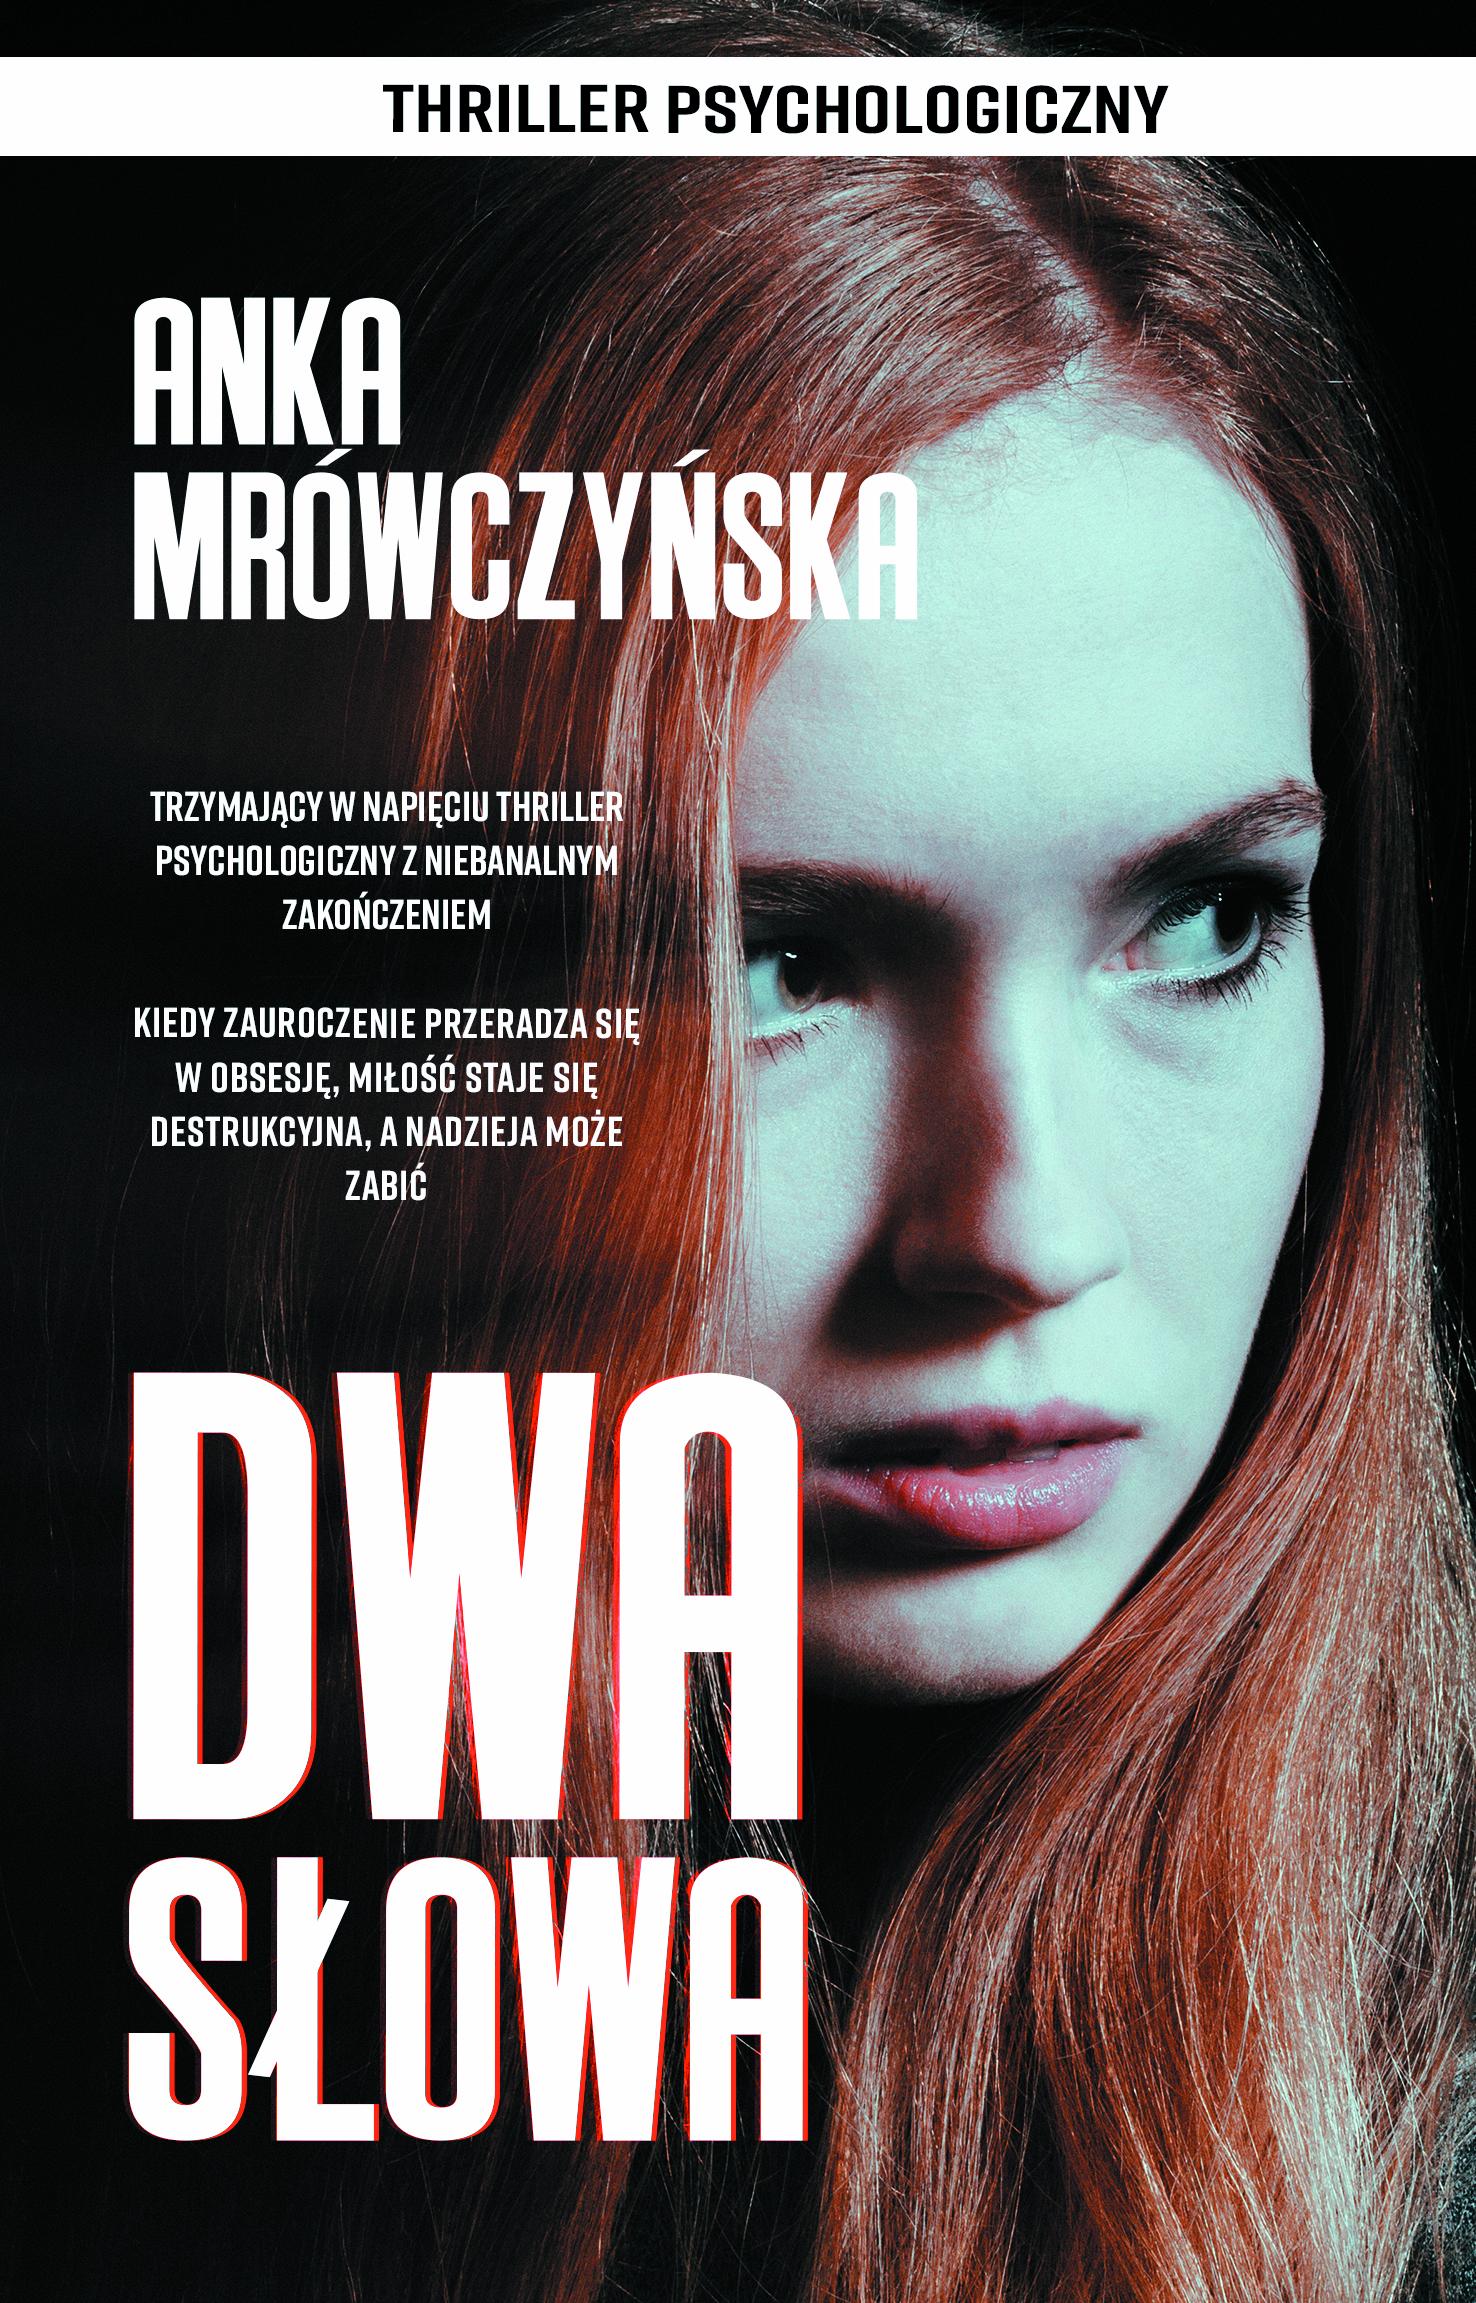 Okładka thrillera psychologicznego 'Dwa słowa', Anka Mrówczyńska